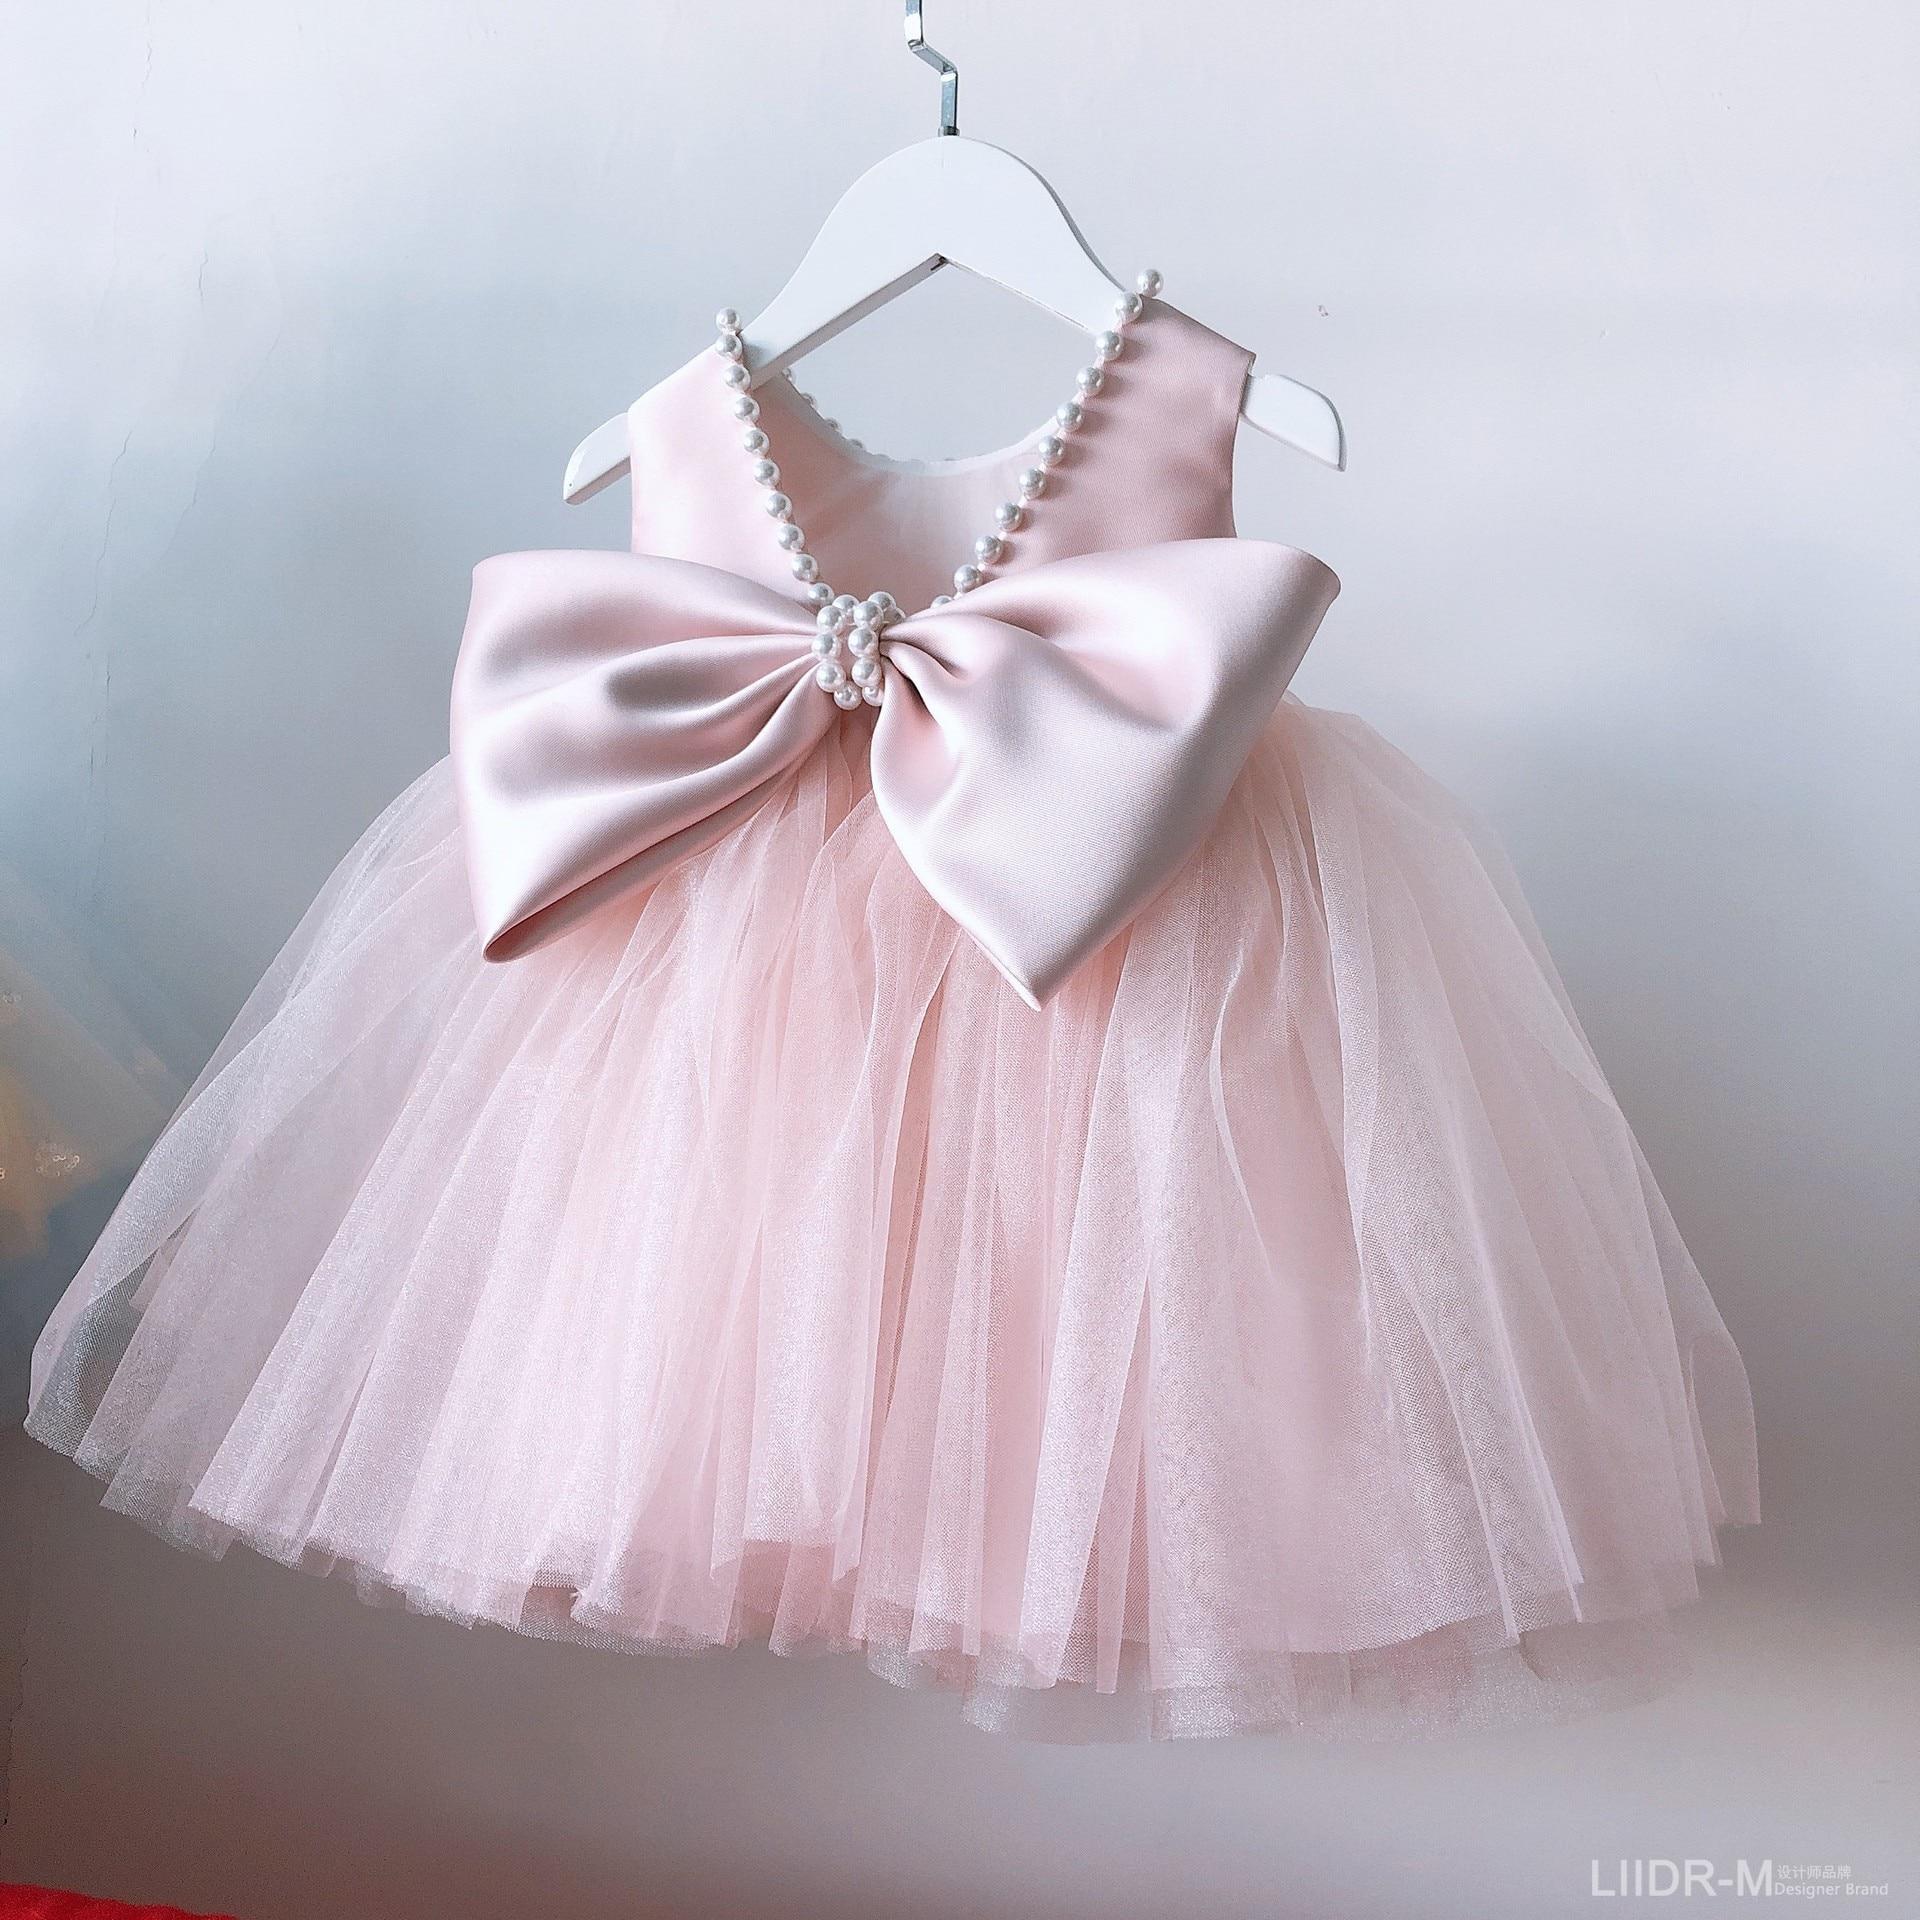 فستان أميرة لؤلؤي للبنات ، لحفلات أعياد الميلاد ، لوصيفات العروس ، حفلات التعميد ، للأطفال